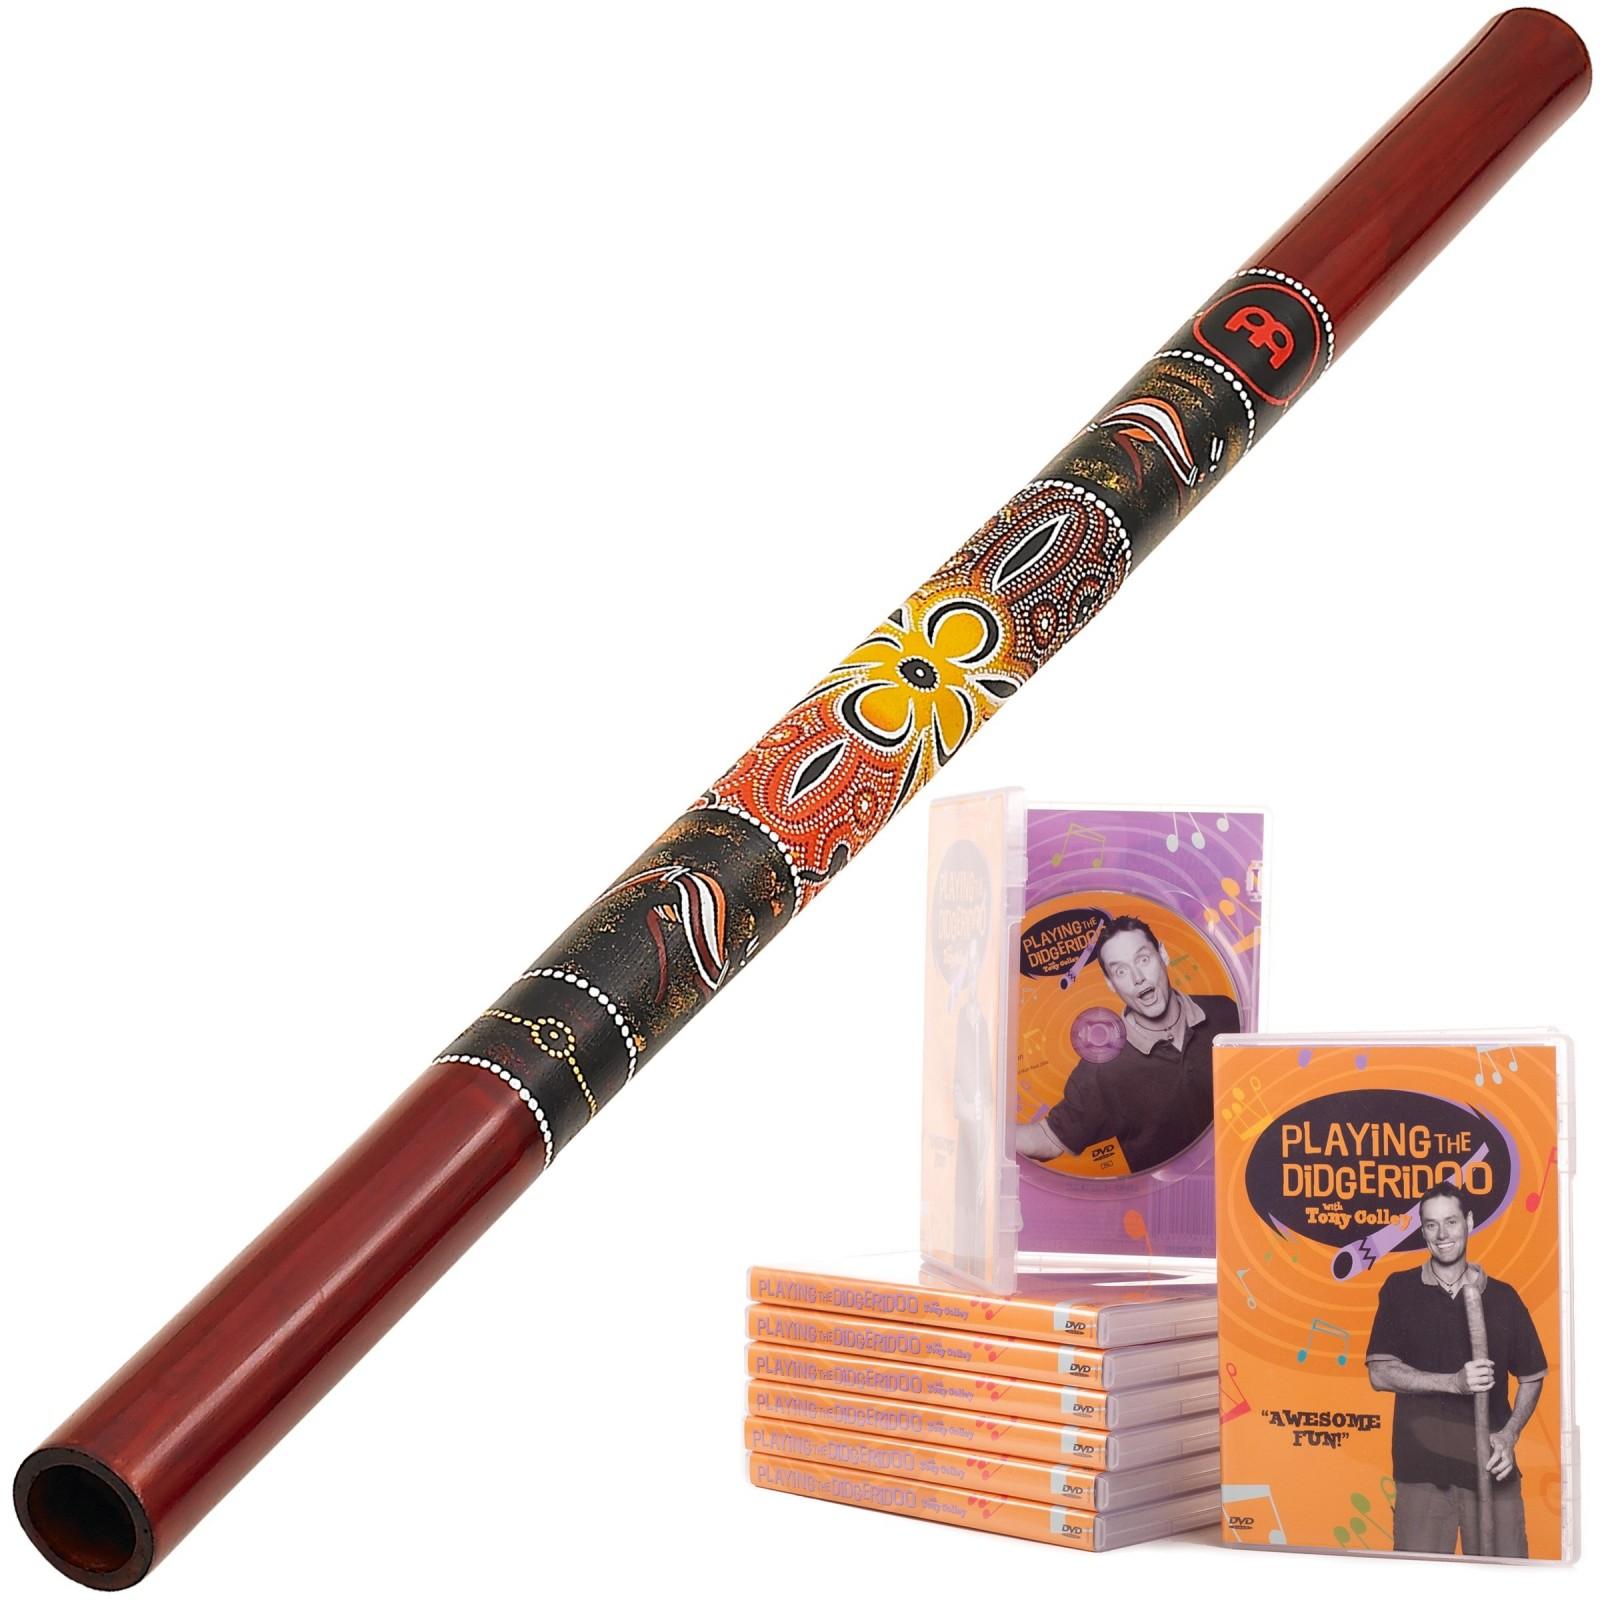 Meinl Starterspakket A  Didgeridoo DDG1-R + DvD